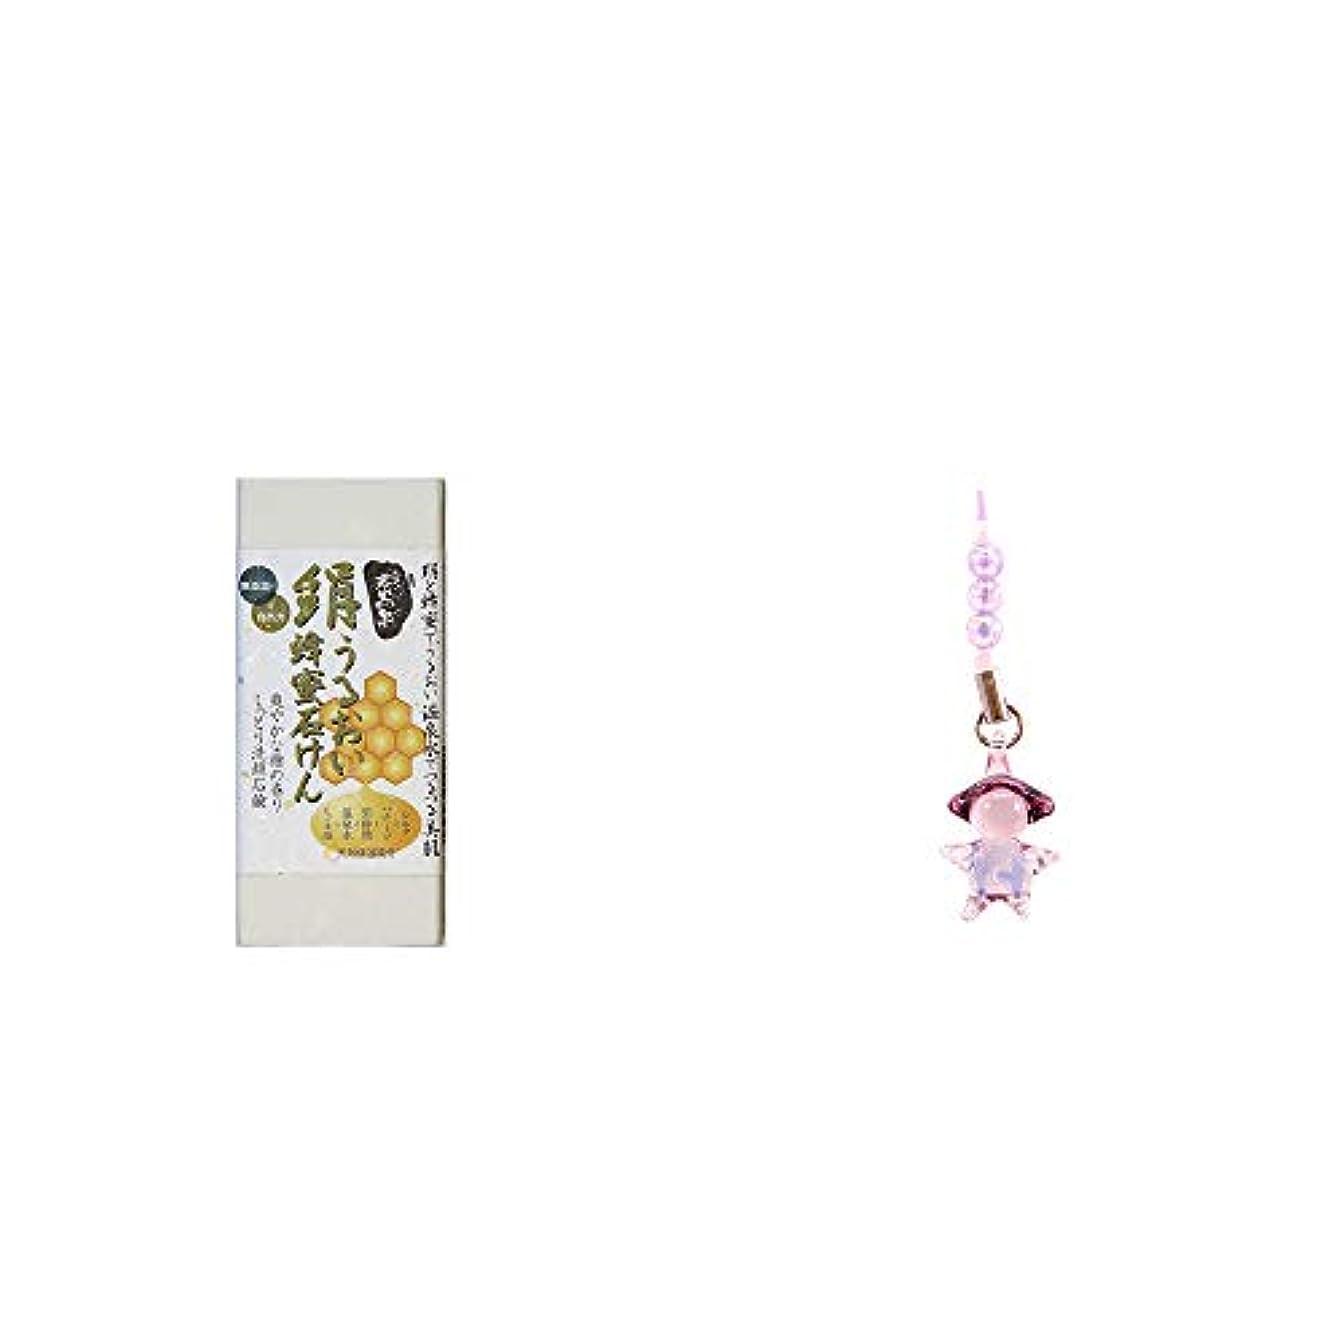 マグブランドライブ[2点セット] ひのき炭黒泉 絹うるおい蜂蜜石けん(75g×2)?ガラスのさるぼぼ 手作りキーホルダー 【紫】 /出世運?健やかな長寿祈願?トップを目指す?魔除け//